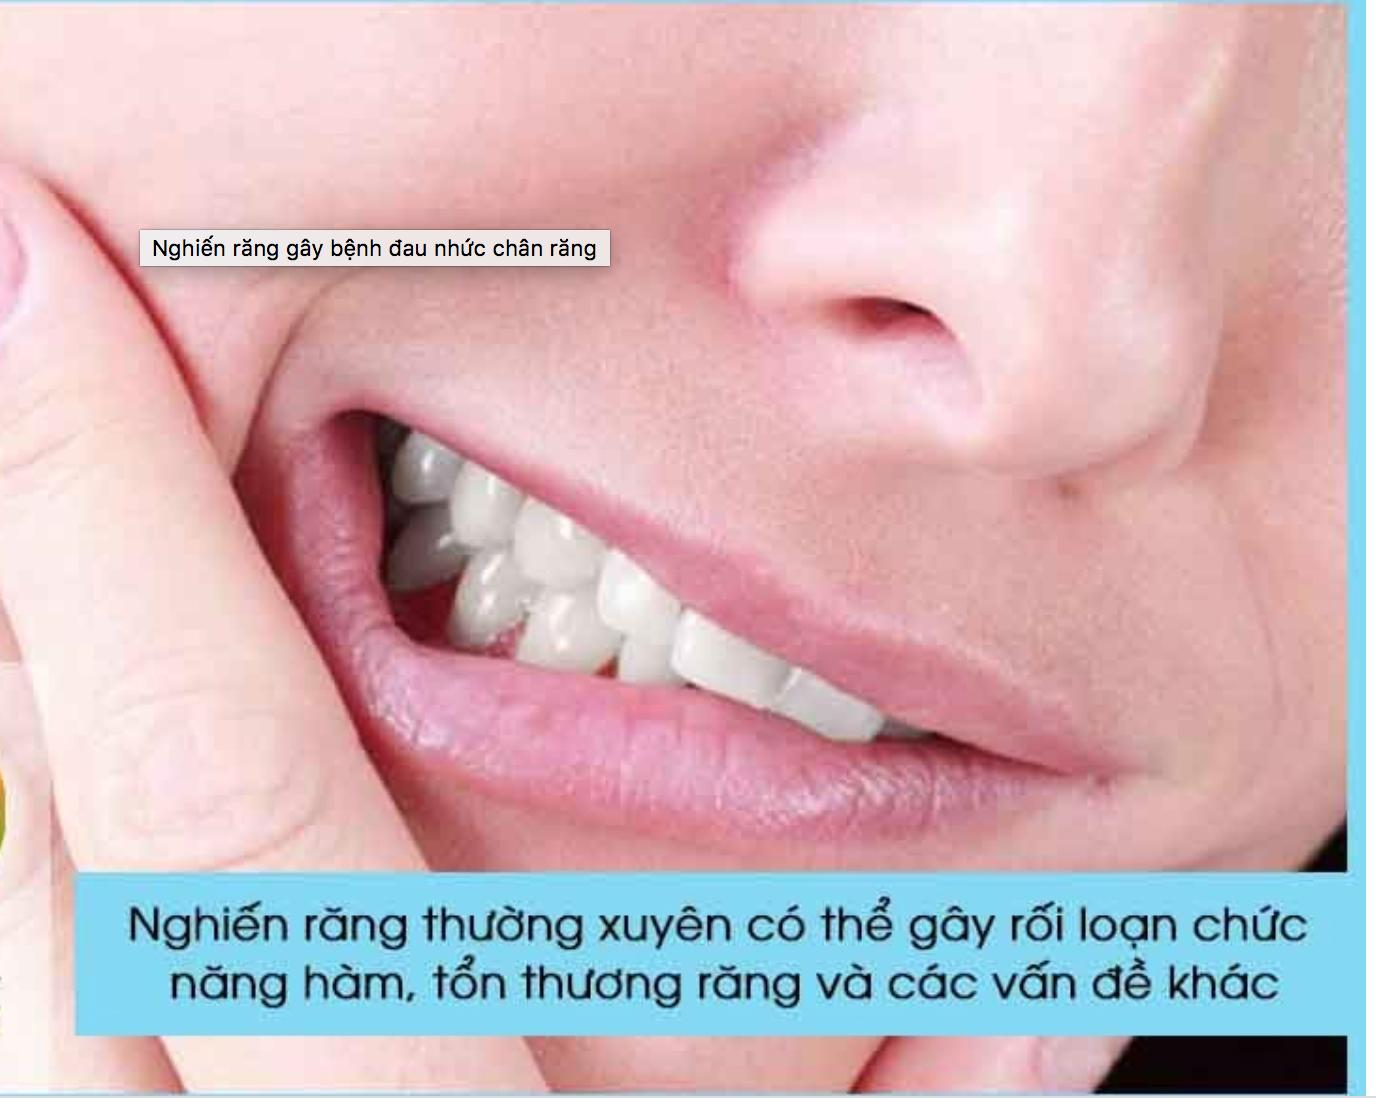 nghiến răng làm đau răng